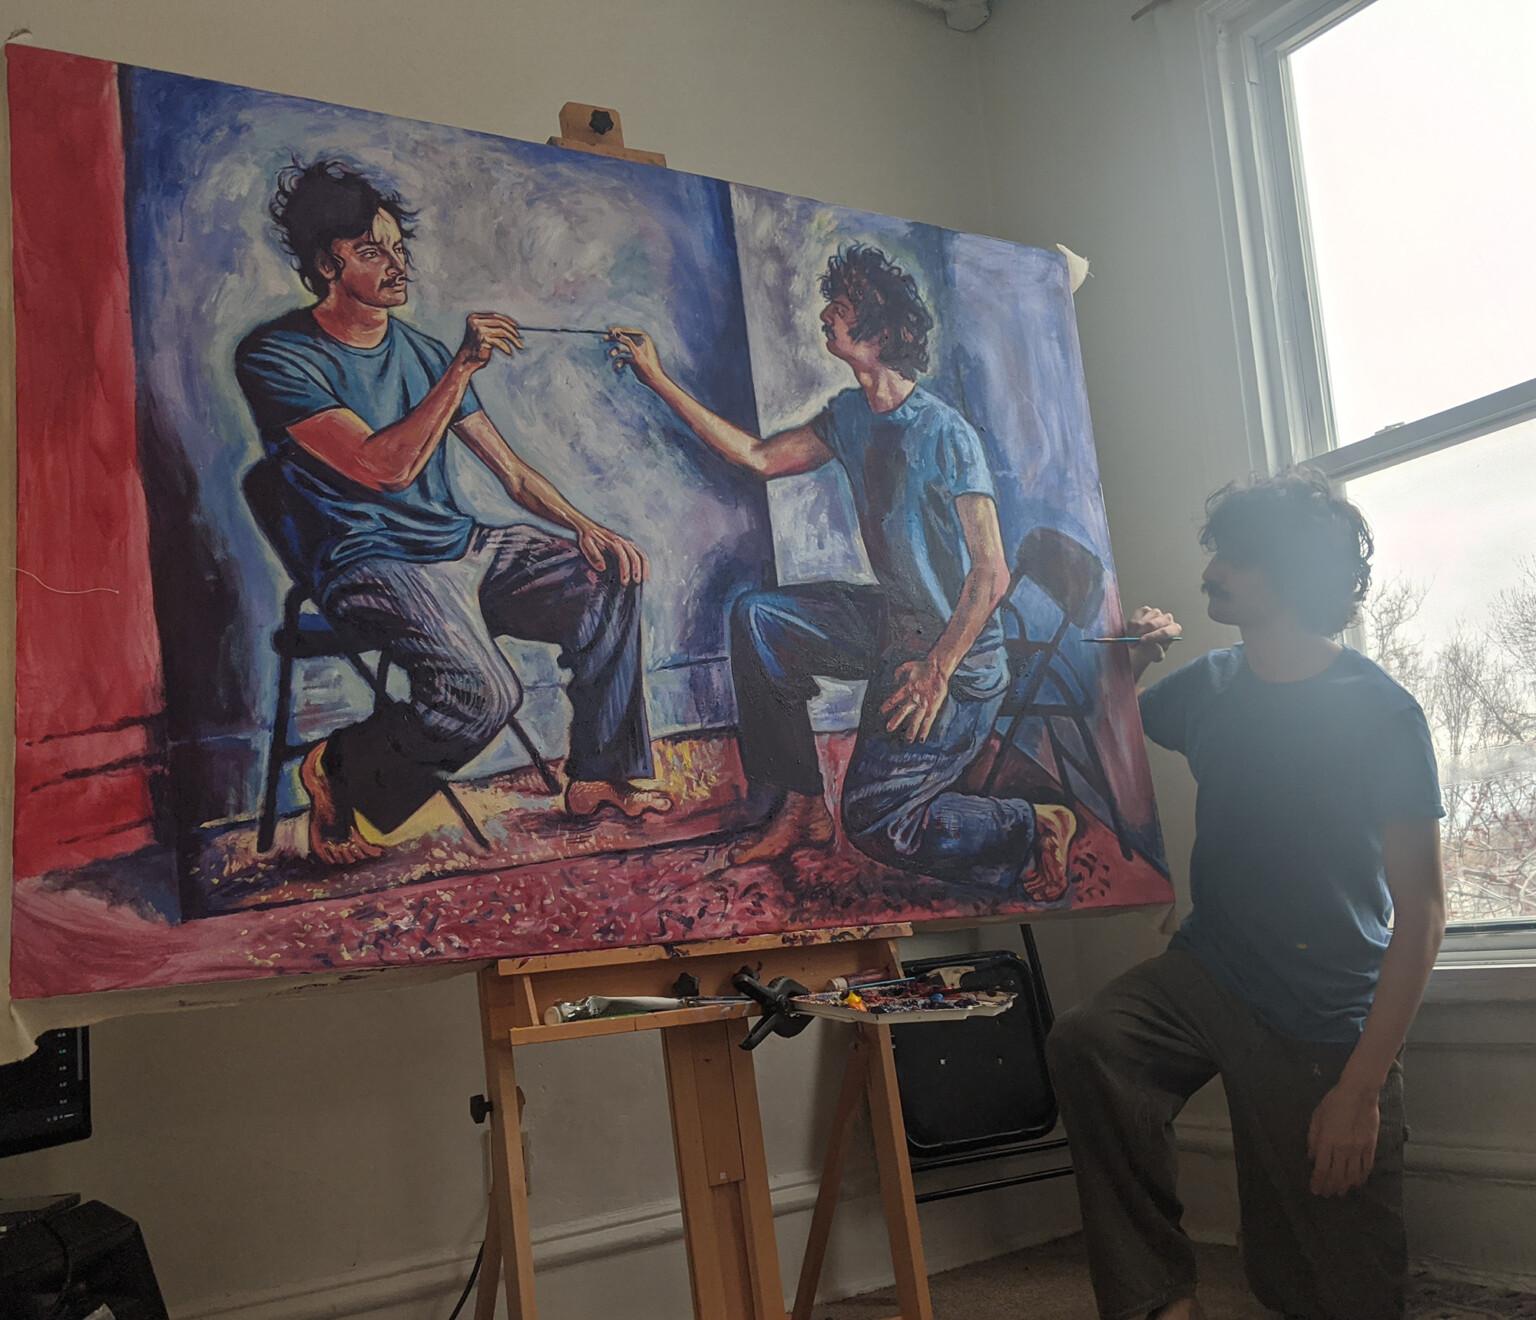 Художник пишет портреты себя, пишущего портреты себя